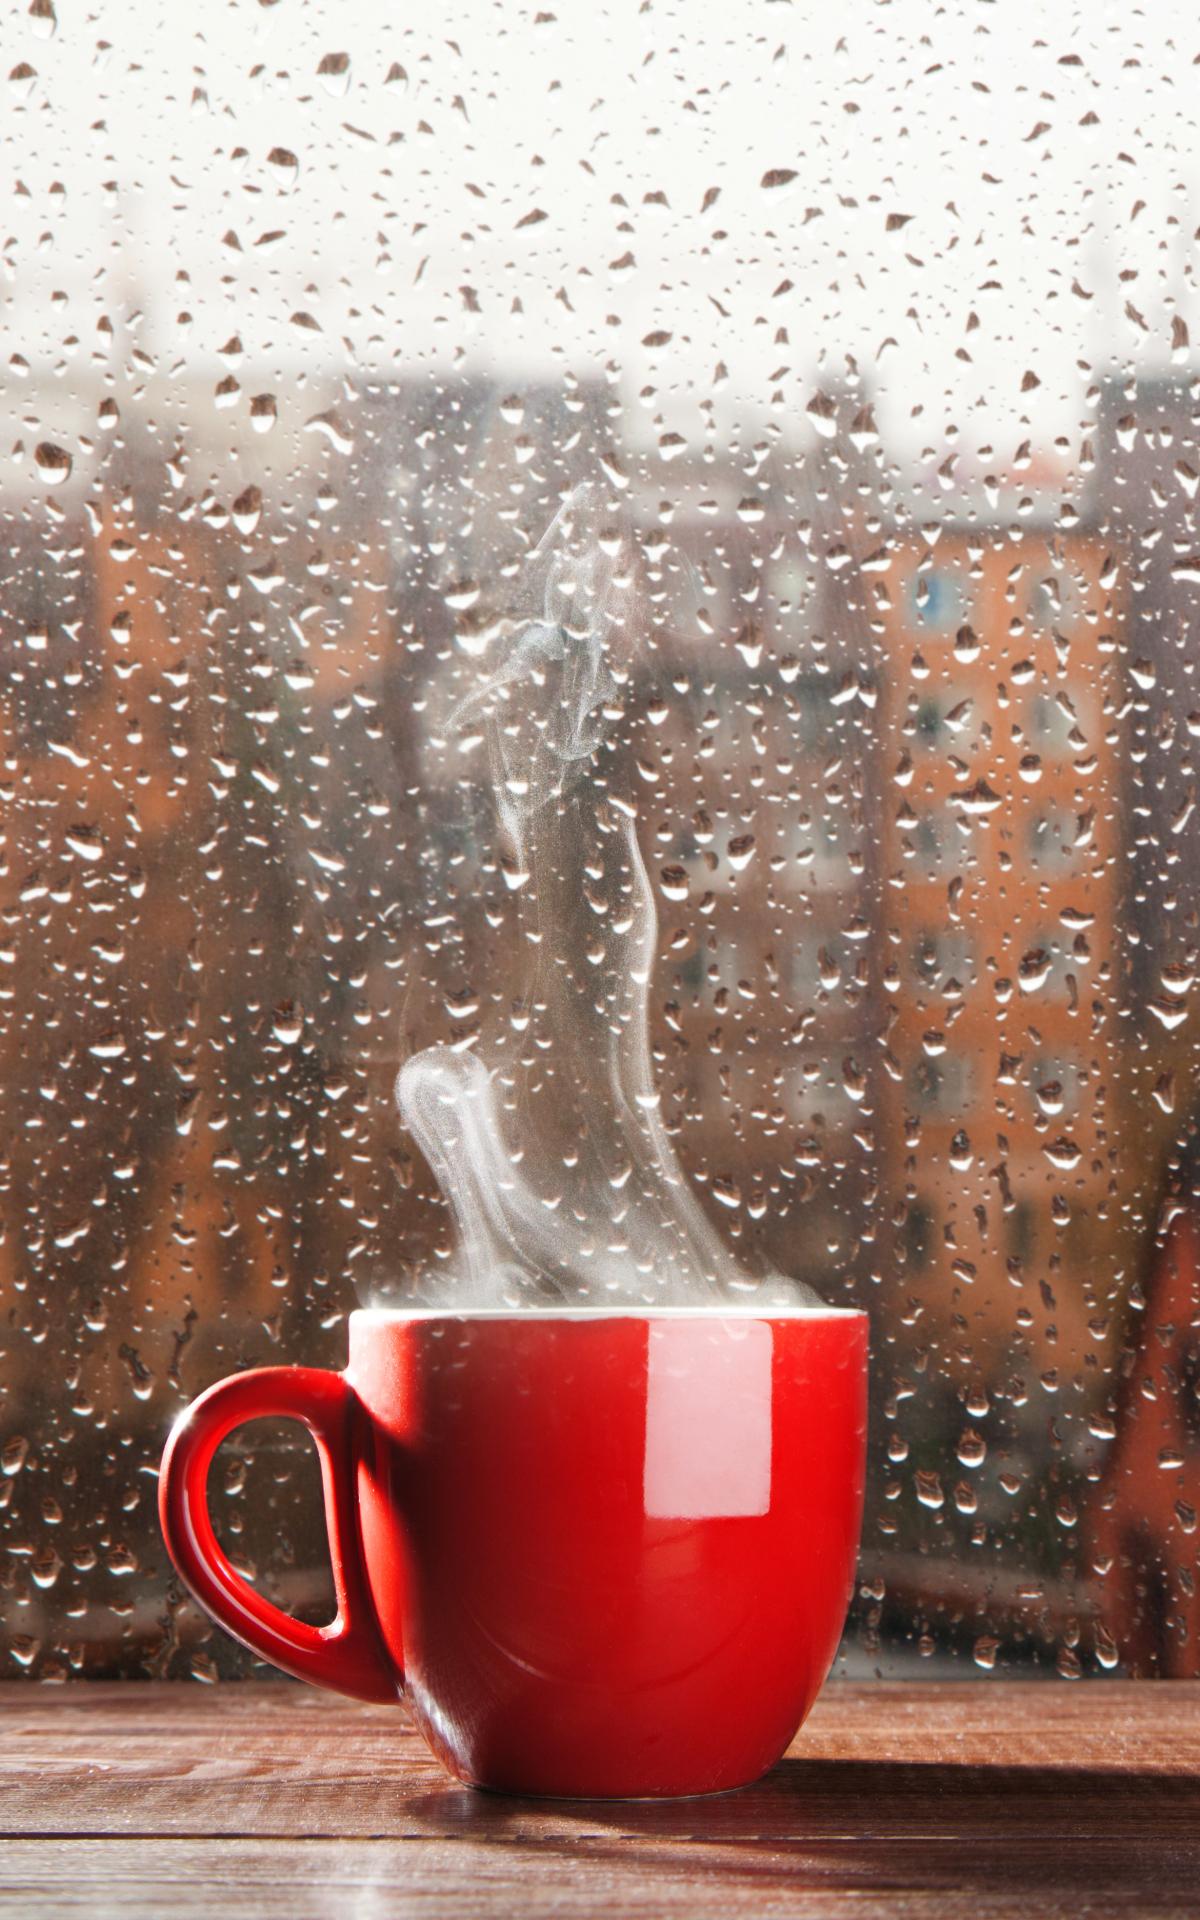 Дождь суббота картинки